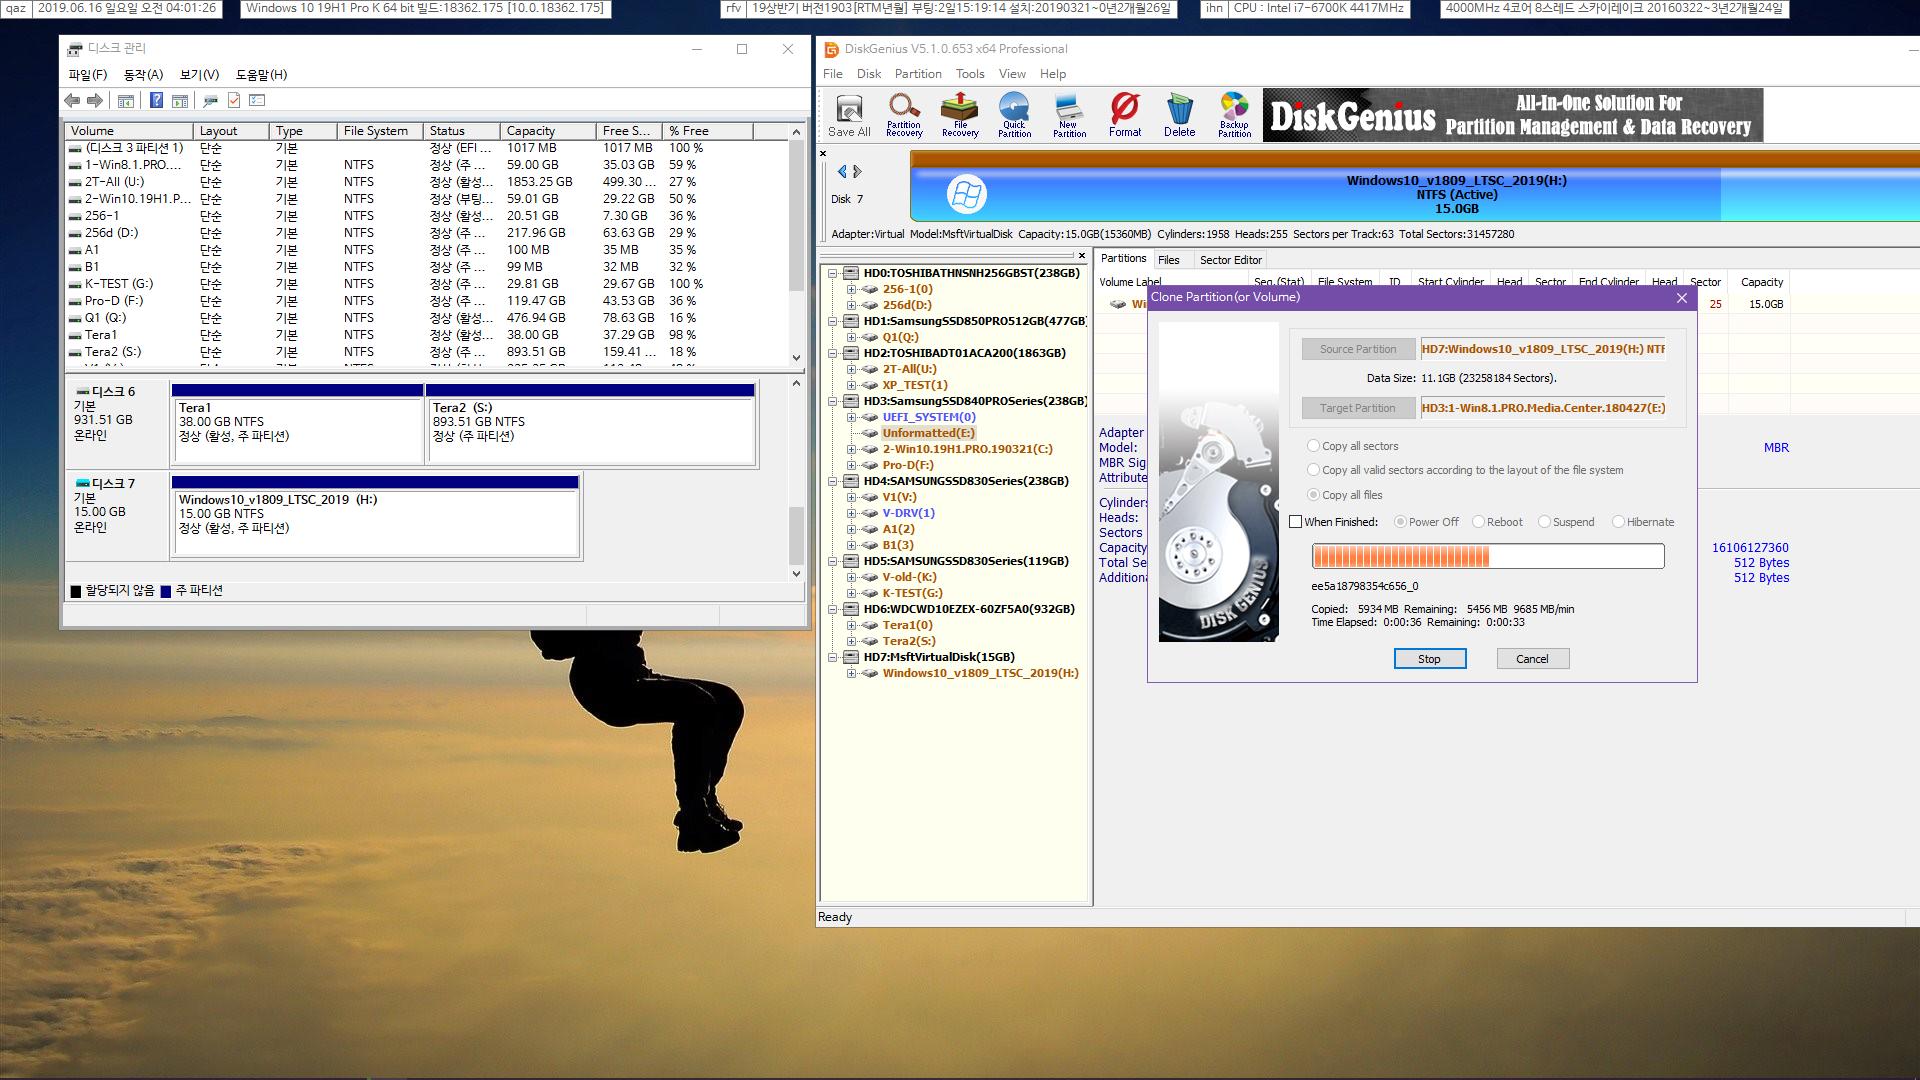 VHD를 실컴에 복구하기 - 파티션 복제, bcdboot, 하이브 로드하여 드라이브 문자들은 전부 삭제함 2019-06-16_040126.png